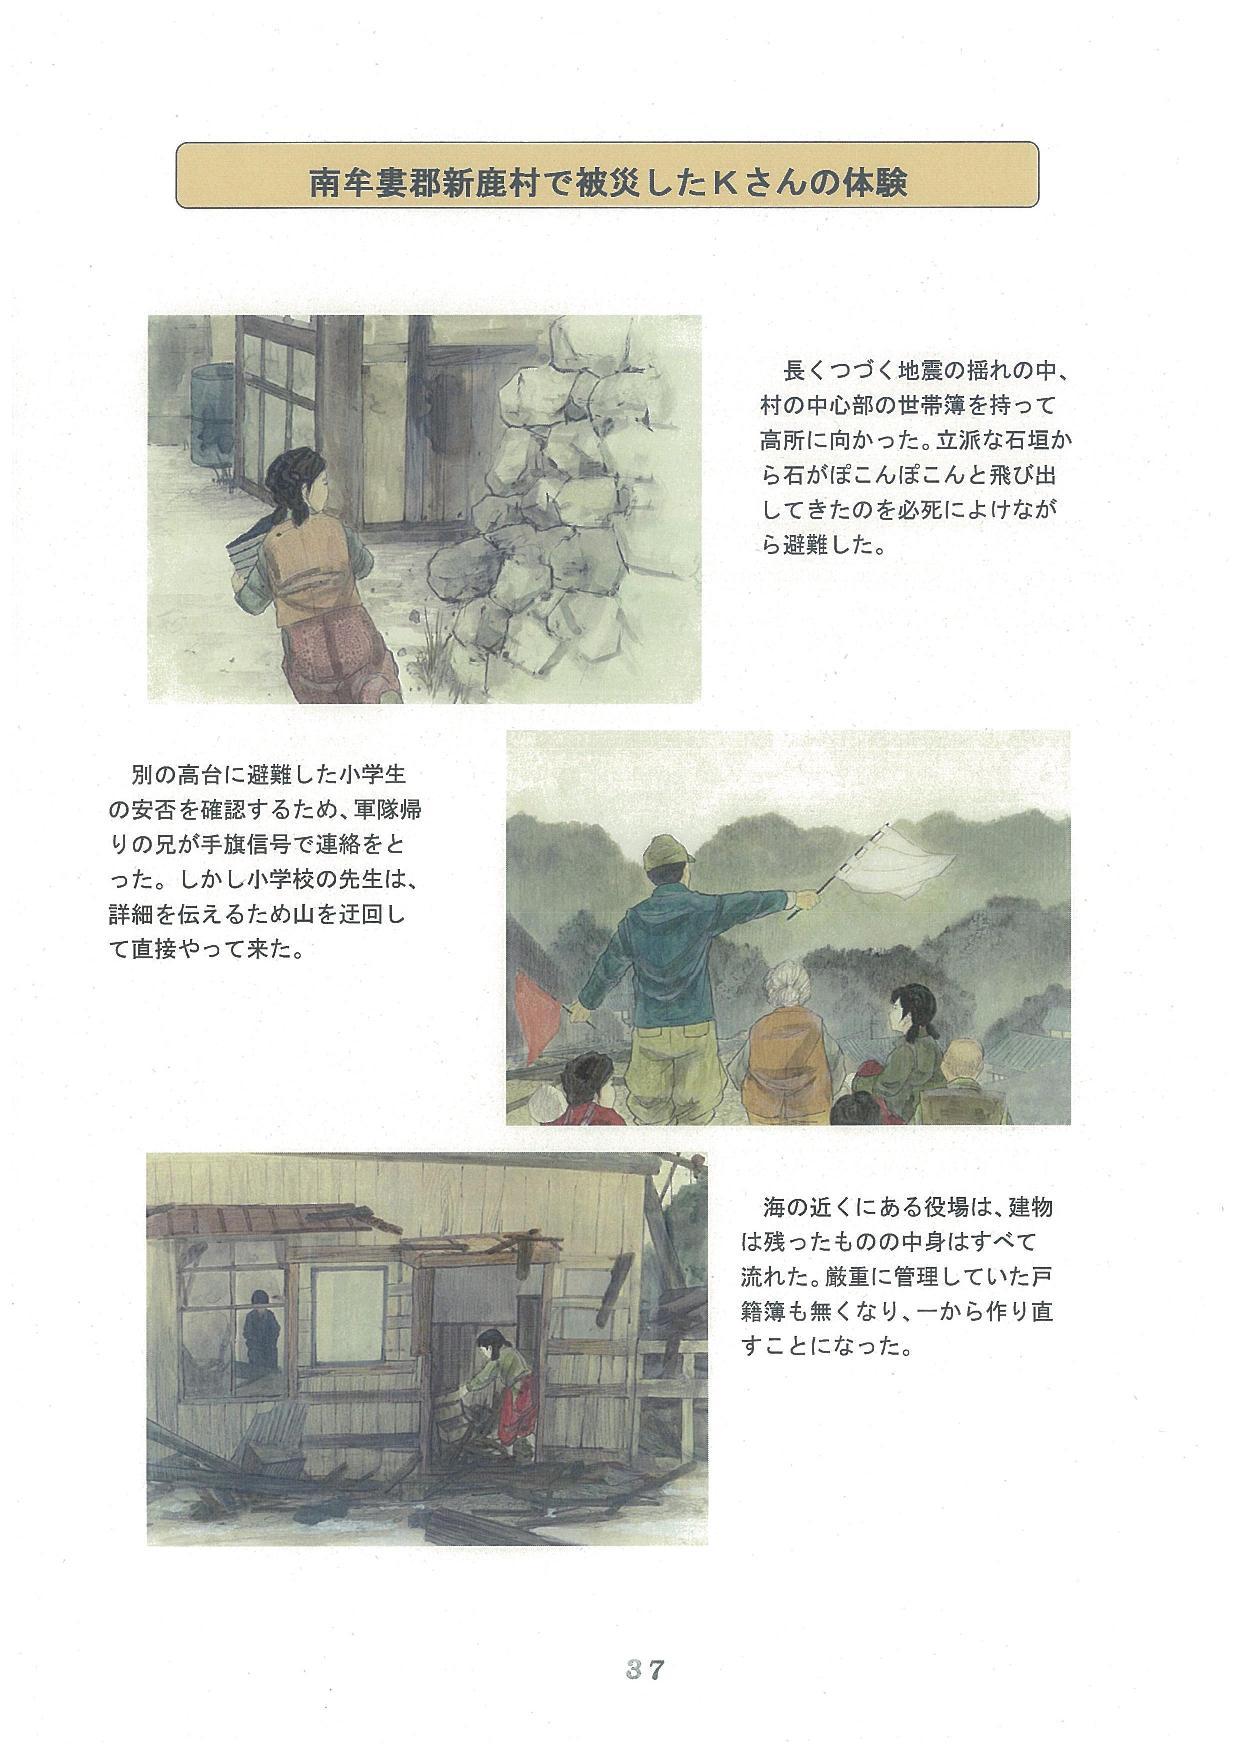 20171208-02_ページ_37